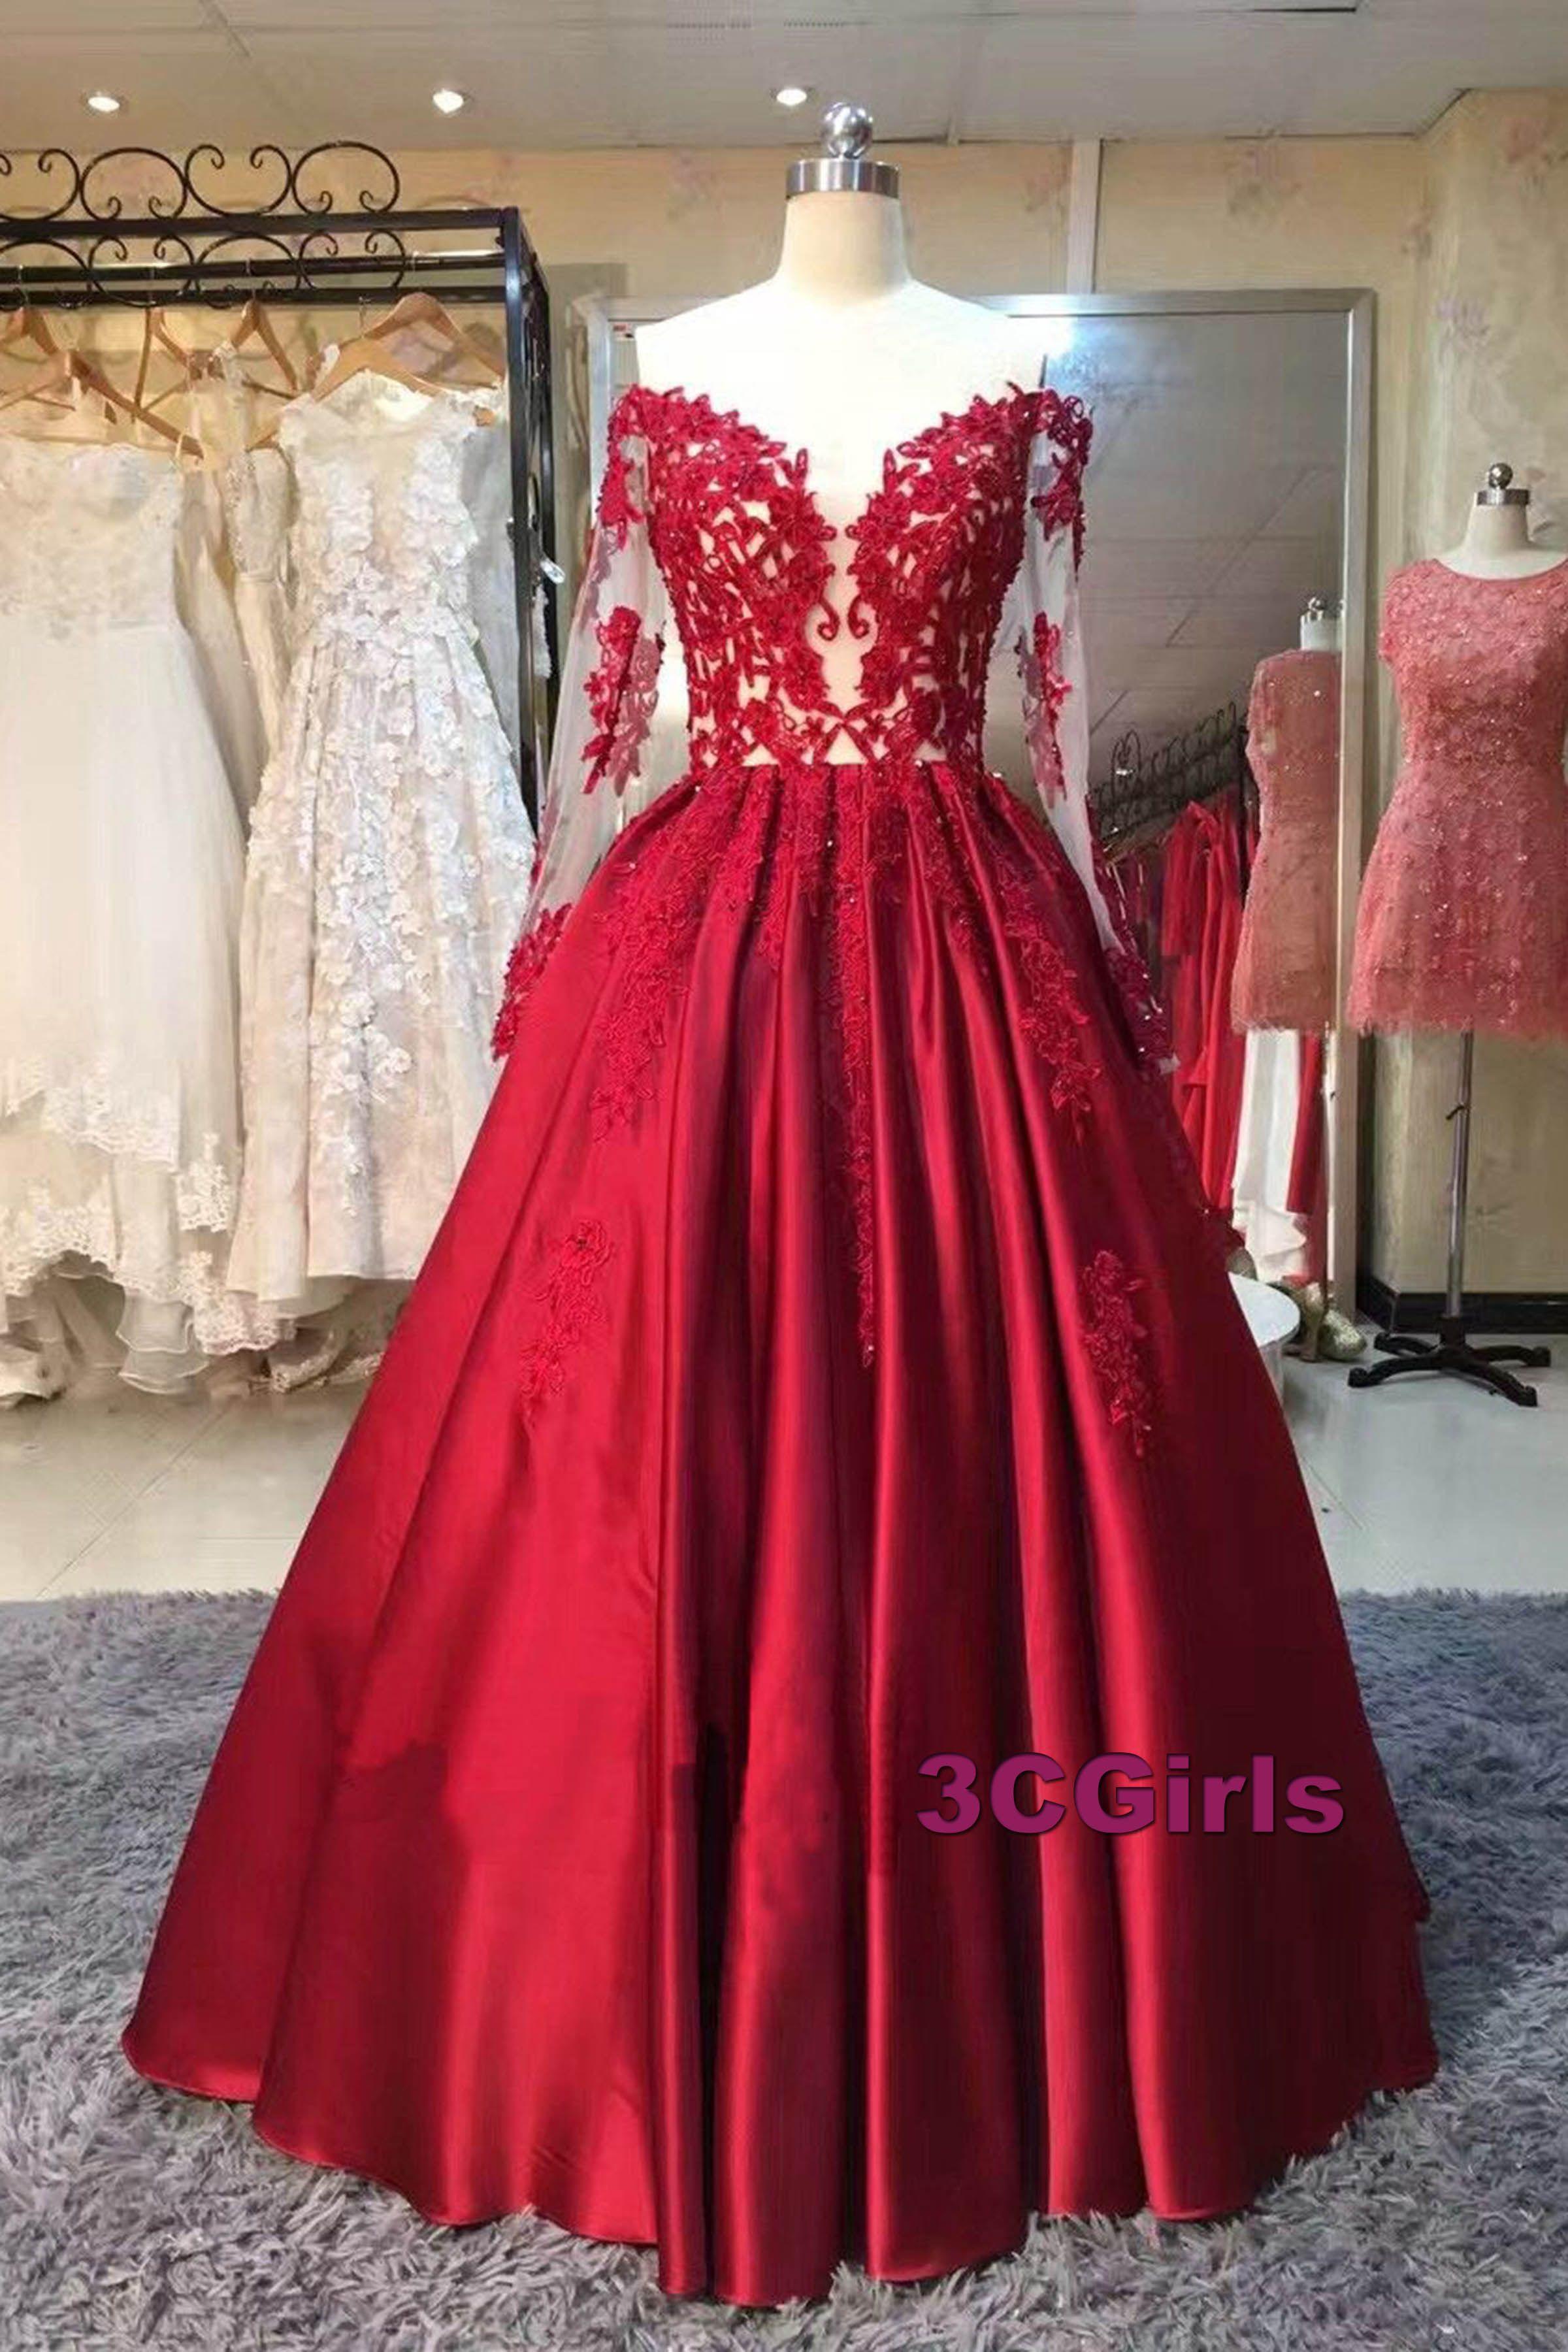 Vintage prom dress offshoulder prom dress ball gown elegant red